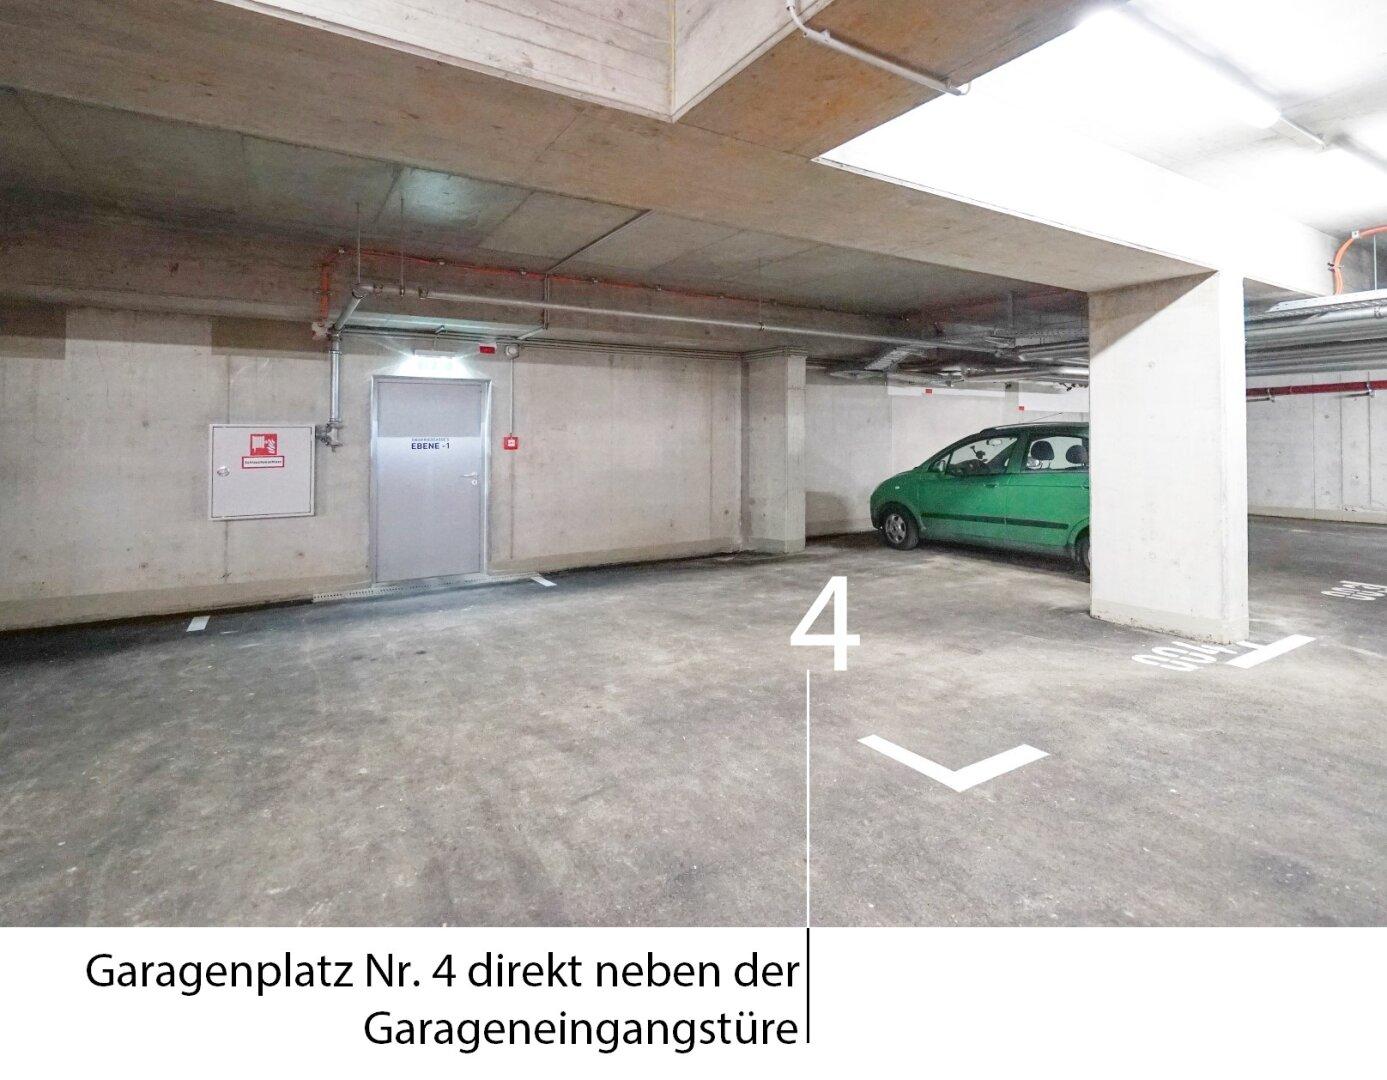 Garagenplatz direkt neben der Garagentüre!